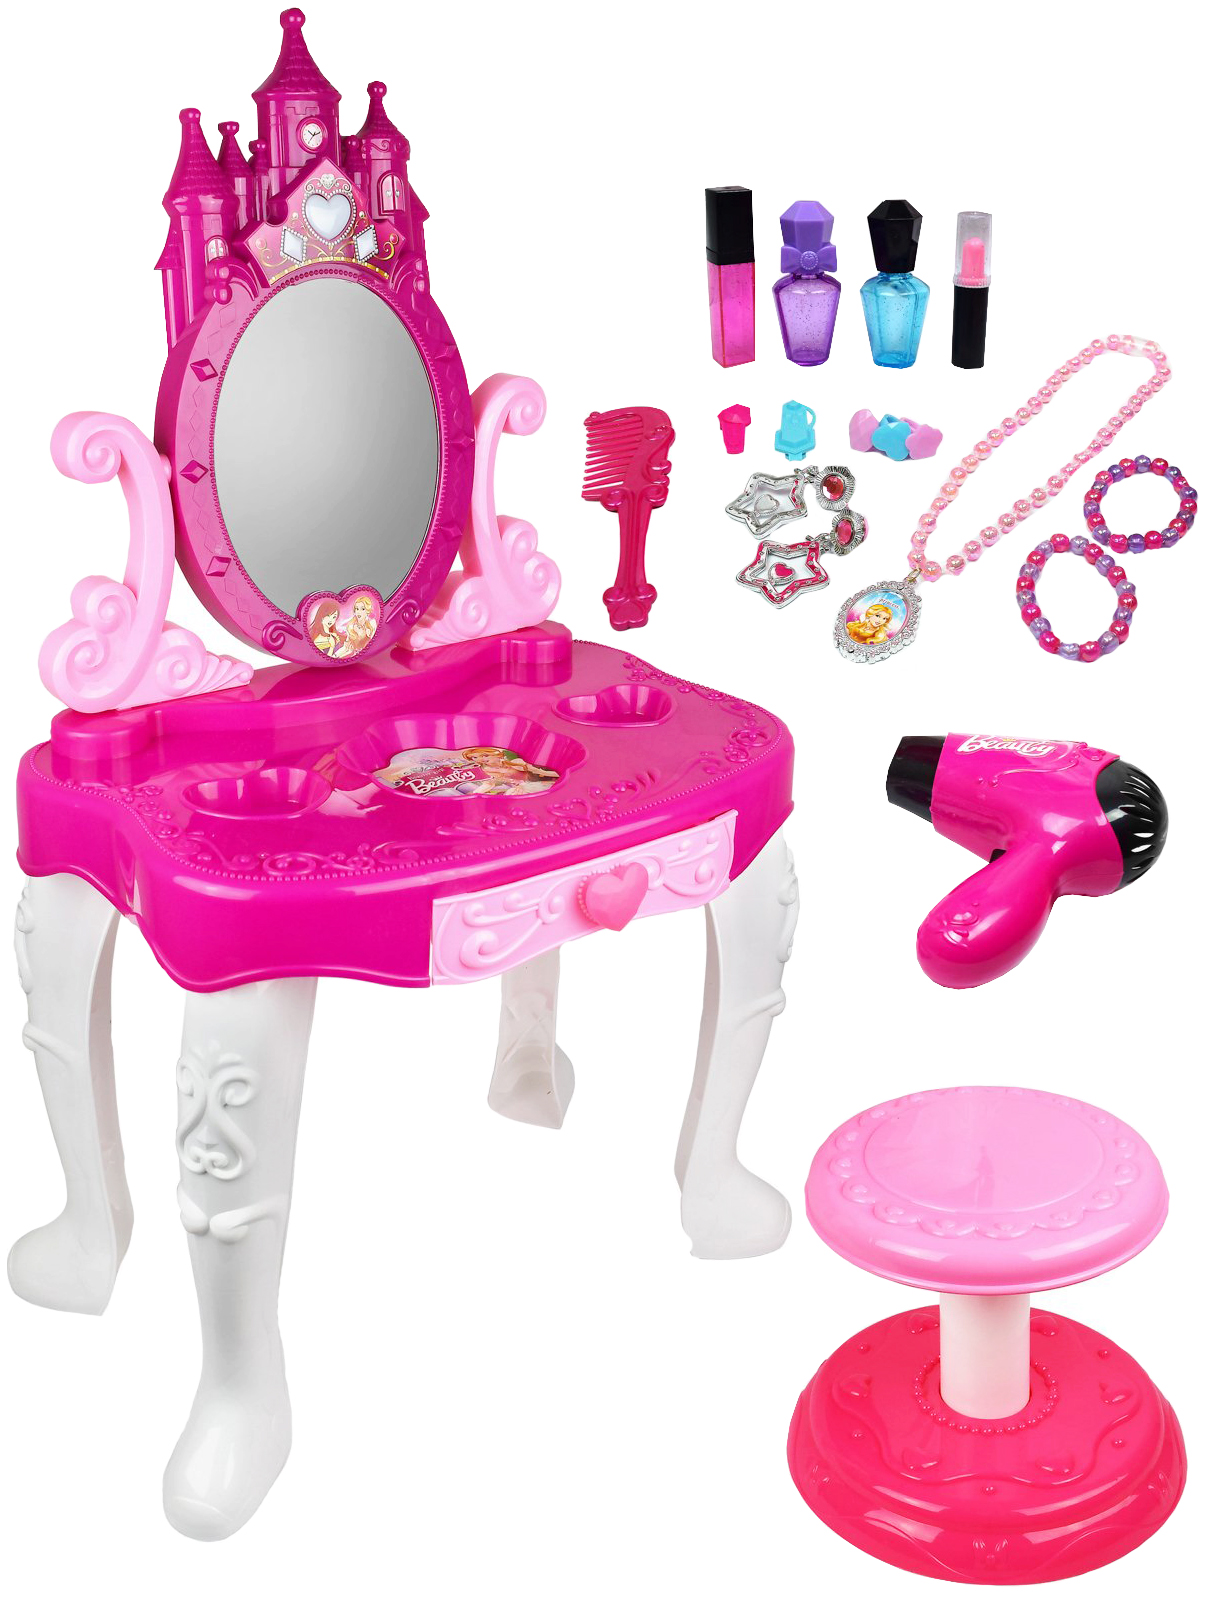 Купить Детское трюмо с зеркалом Beauty - Always Fashion (свет, звук), Meihongyu Toys, Игрушечные туалетные столики